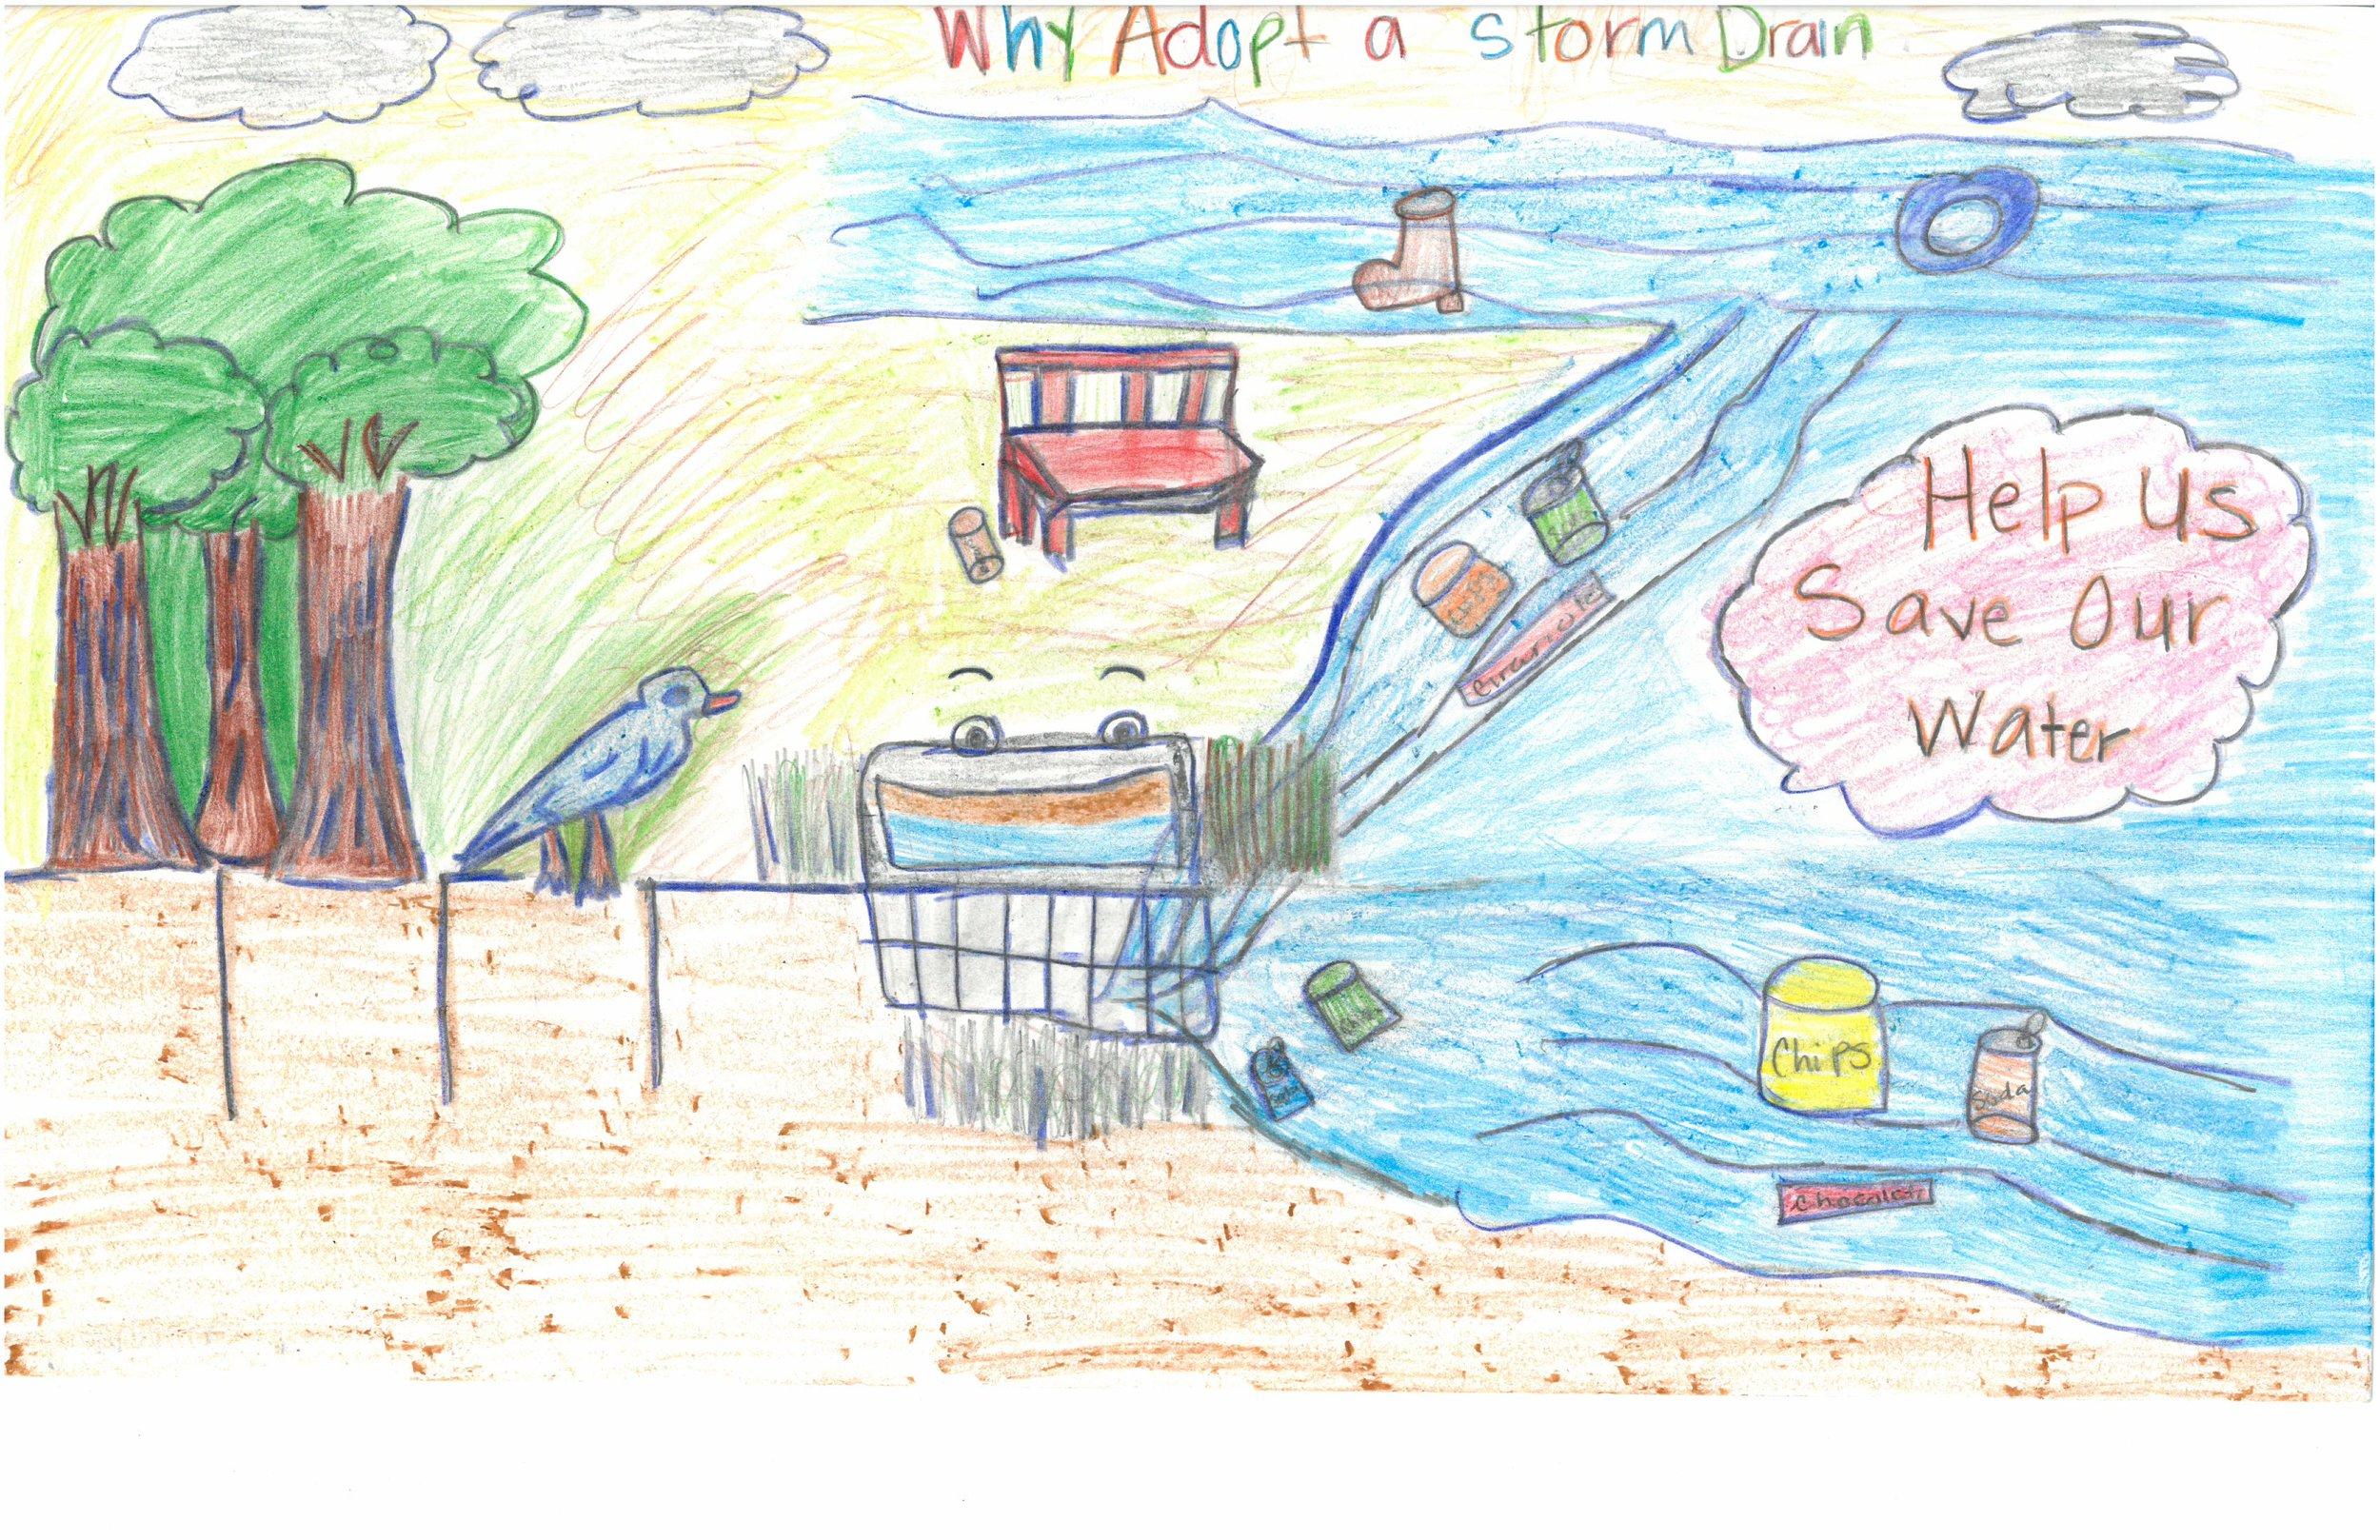 WINNER- Whittney Ousley, 5th grader at Douglass Elem.